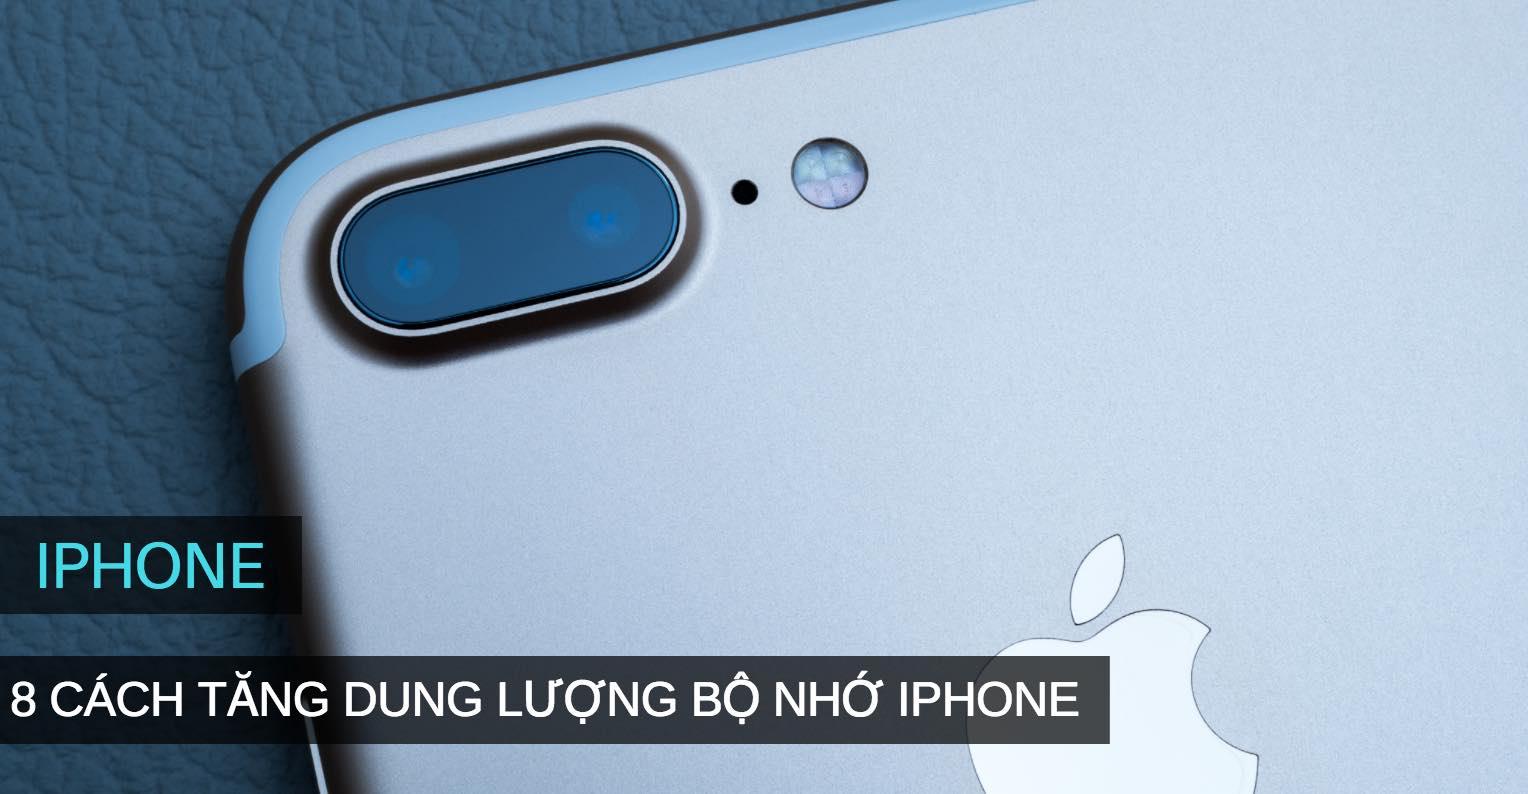 tang dung luong iphone